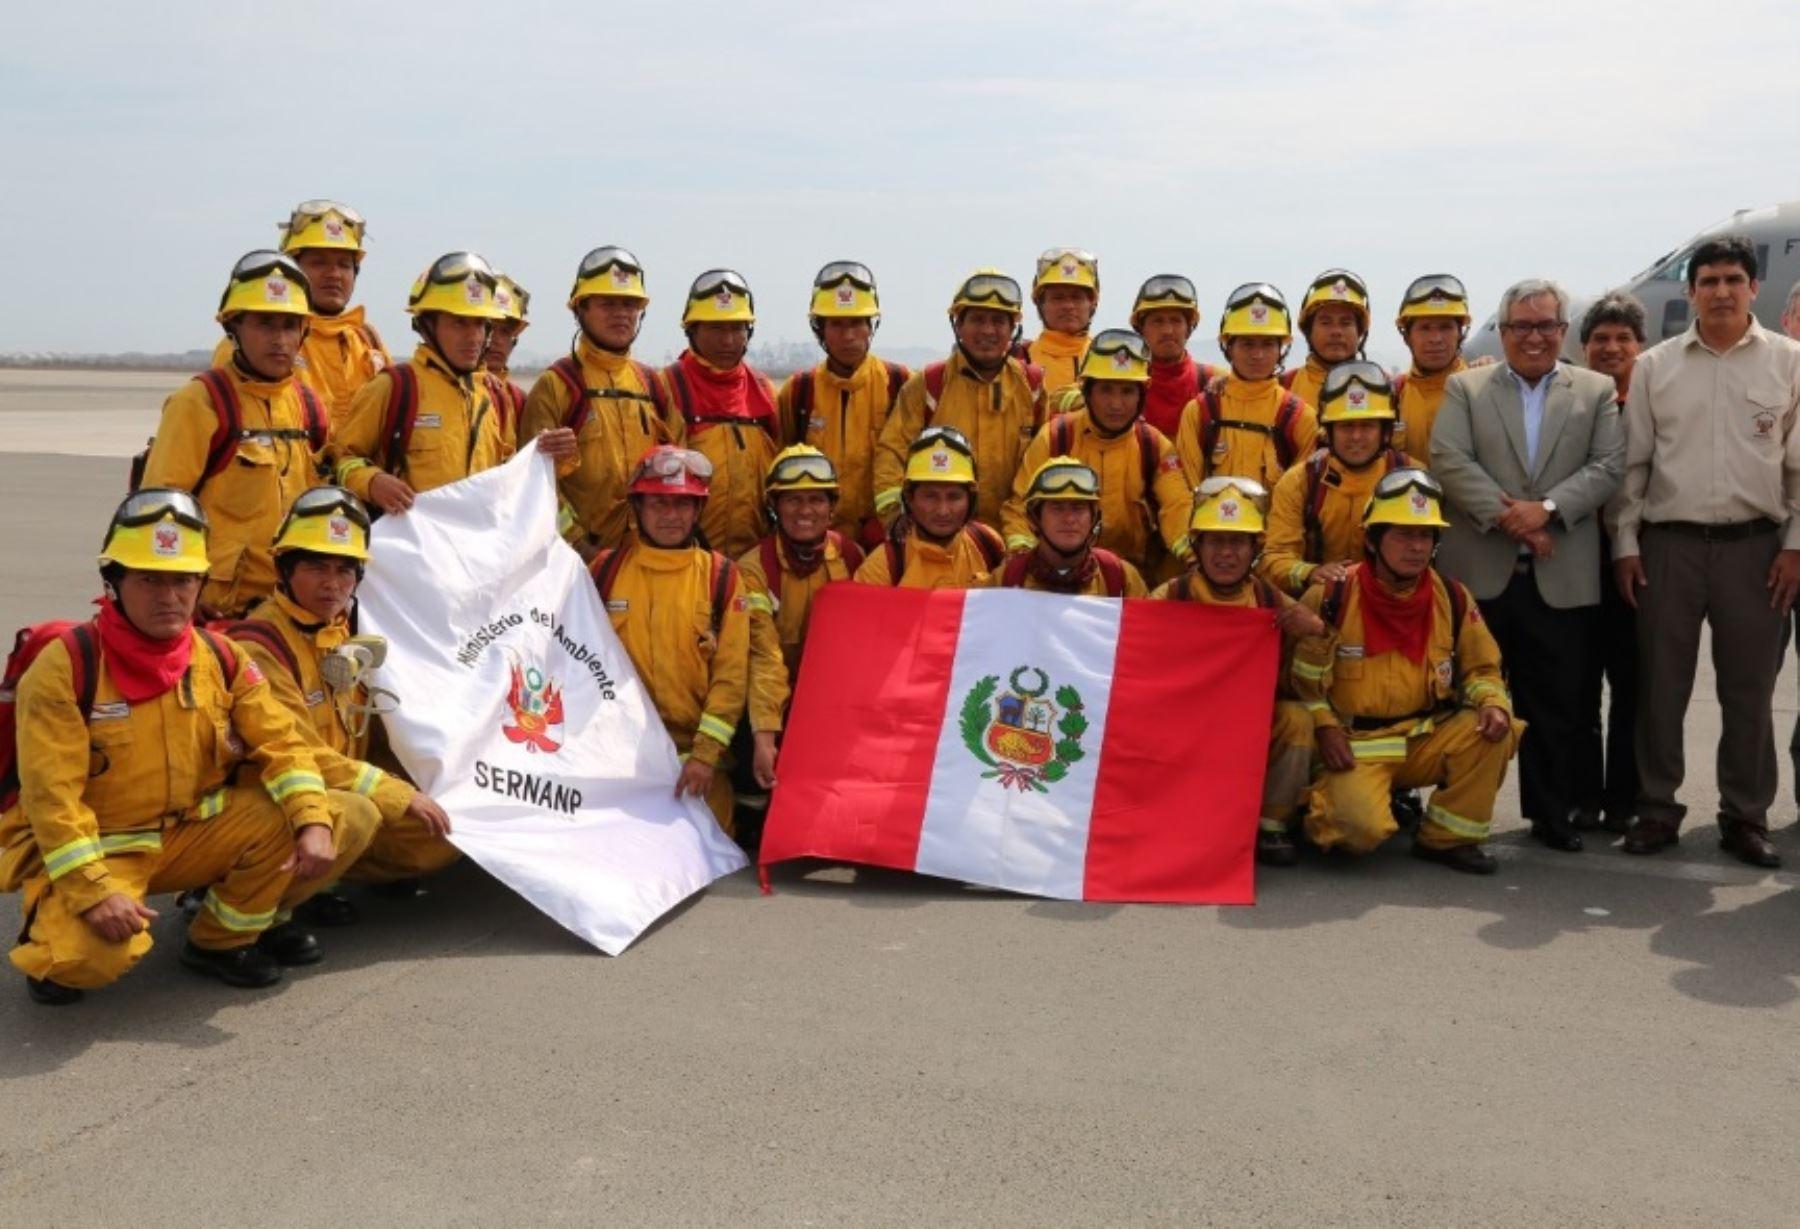 Luego de apoyar durante 15 días las labores de control del incendio forestal que se registró en Chile, la brigada de 20 guardaparques bomberos forestales del Servicio Nacional de Áreas Naturales Protegidas por el Estado (Sernanp) retornó a nuestro país como verdaderos héroes de la conservación.